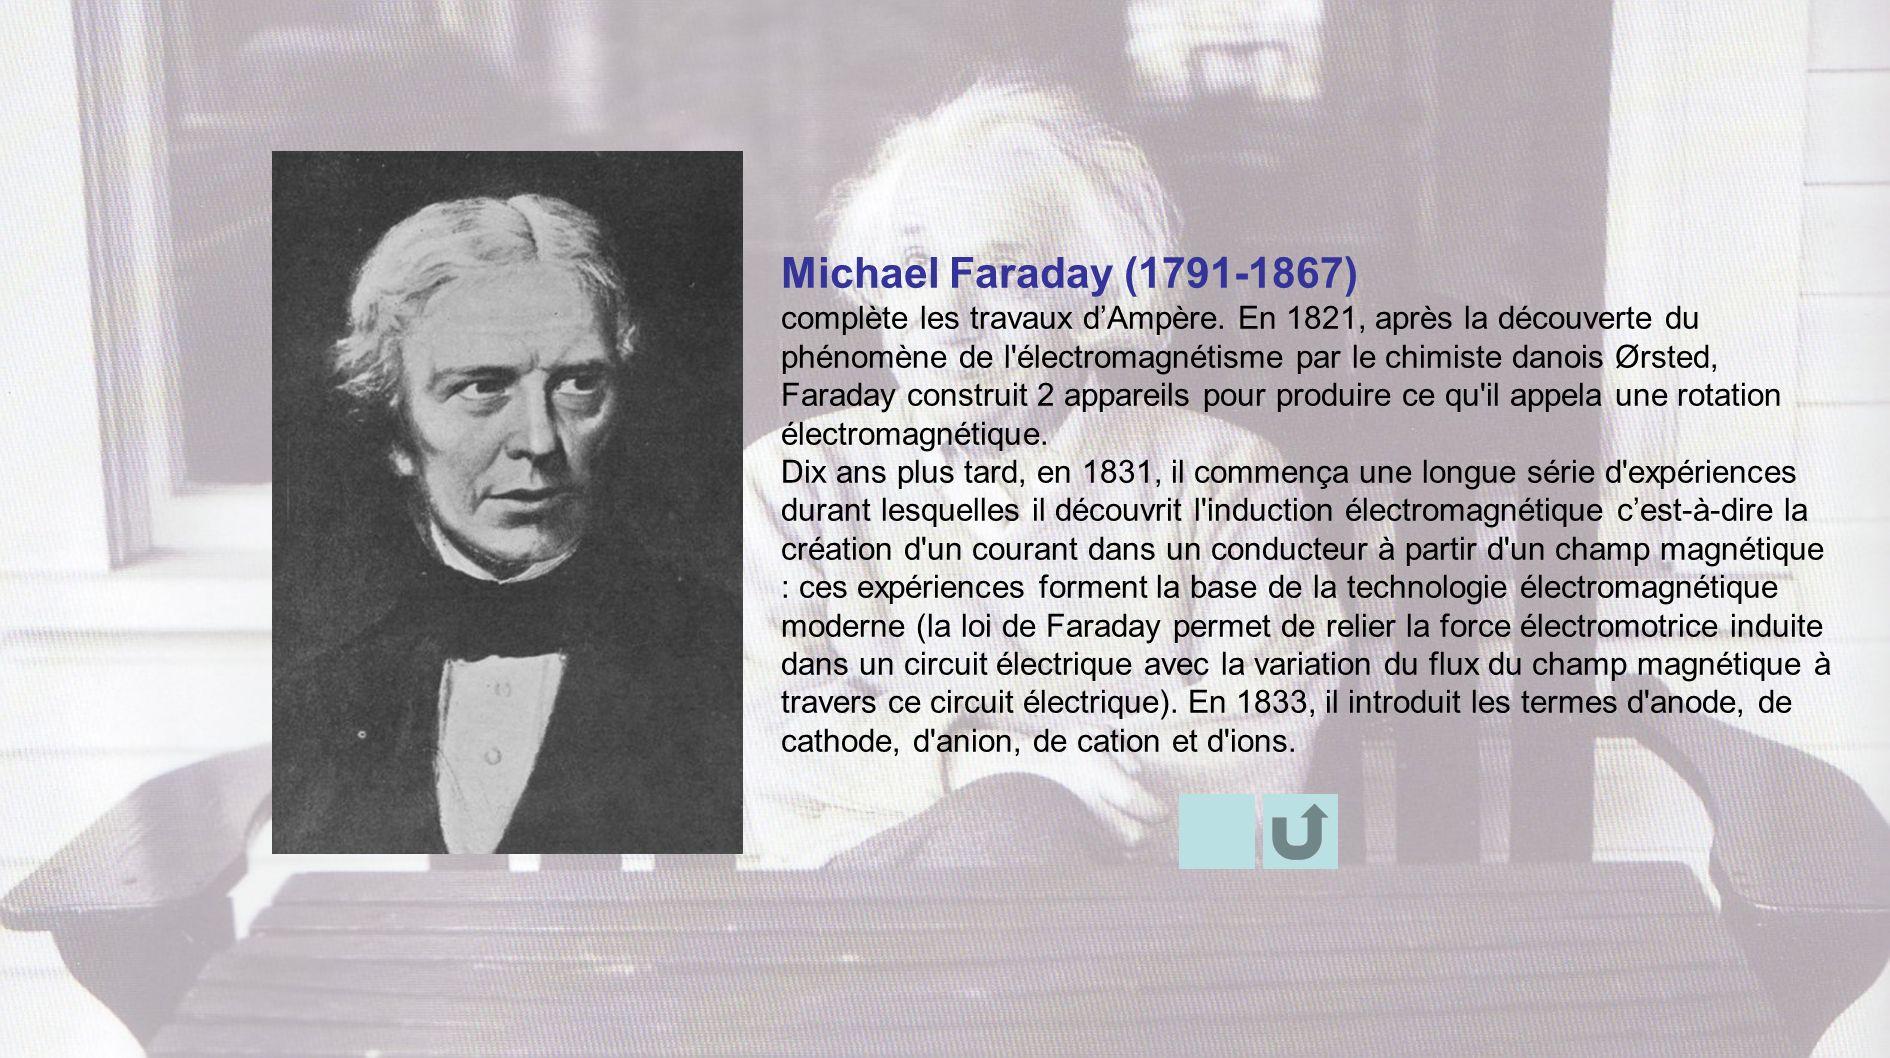 Michael Faraday (1791-1867) complète les travaux dAmpère. En 1821, après la découverte du phénomène de l'électromagnétisme par le chimiste danois Ørst